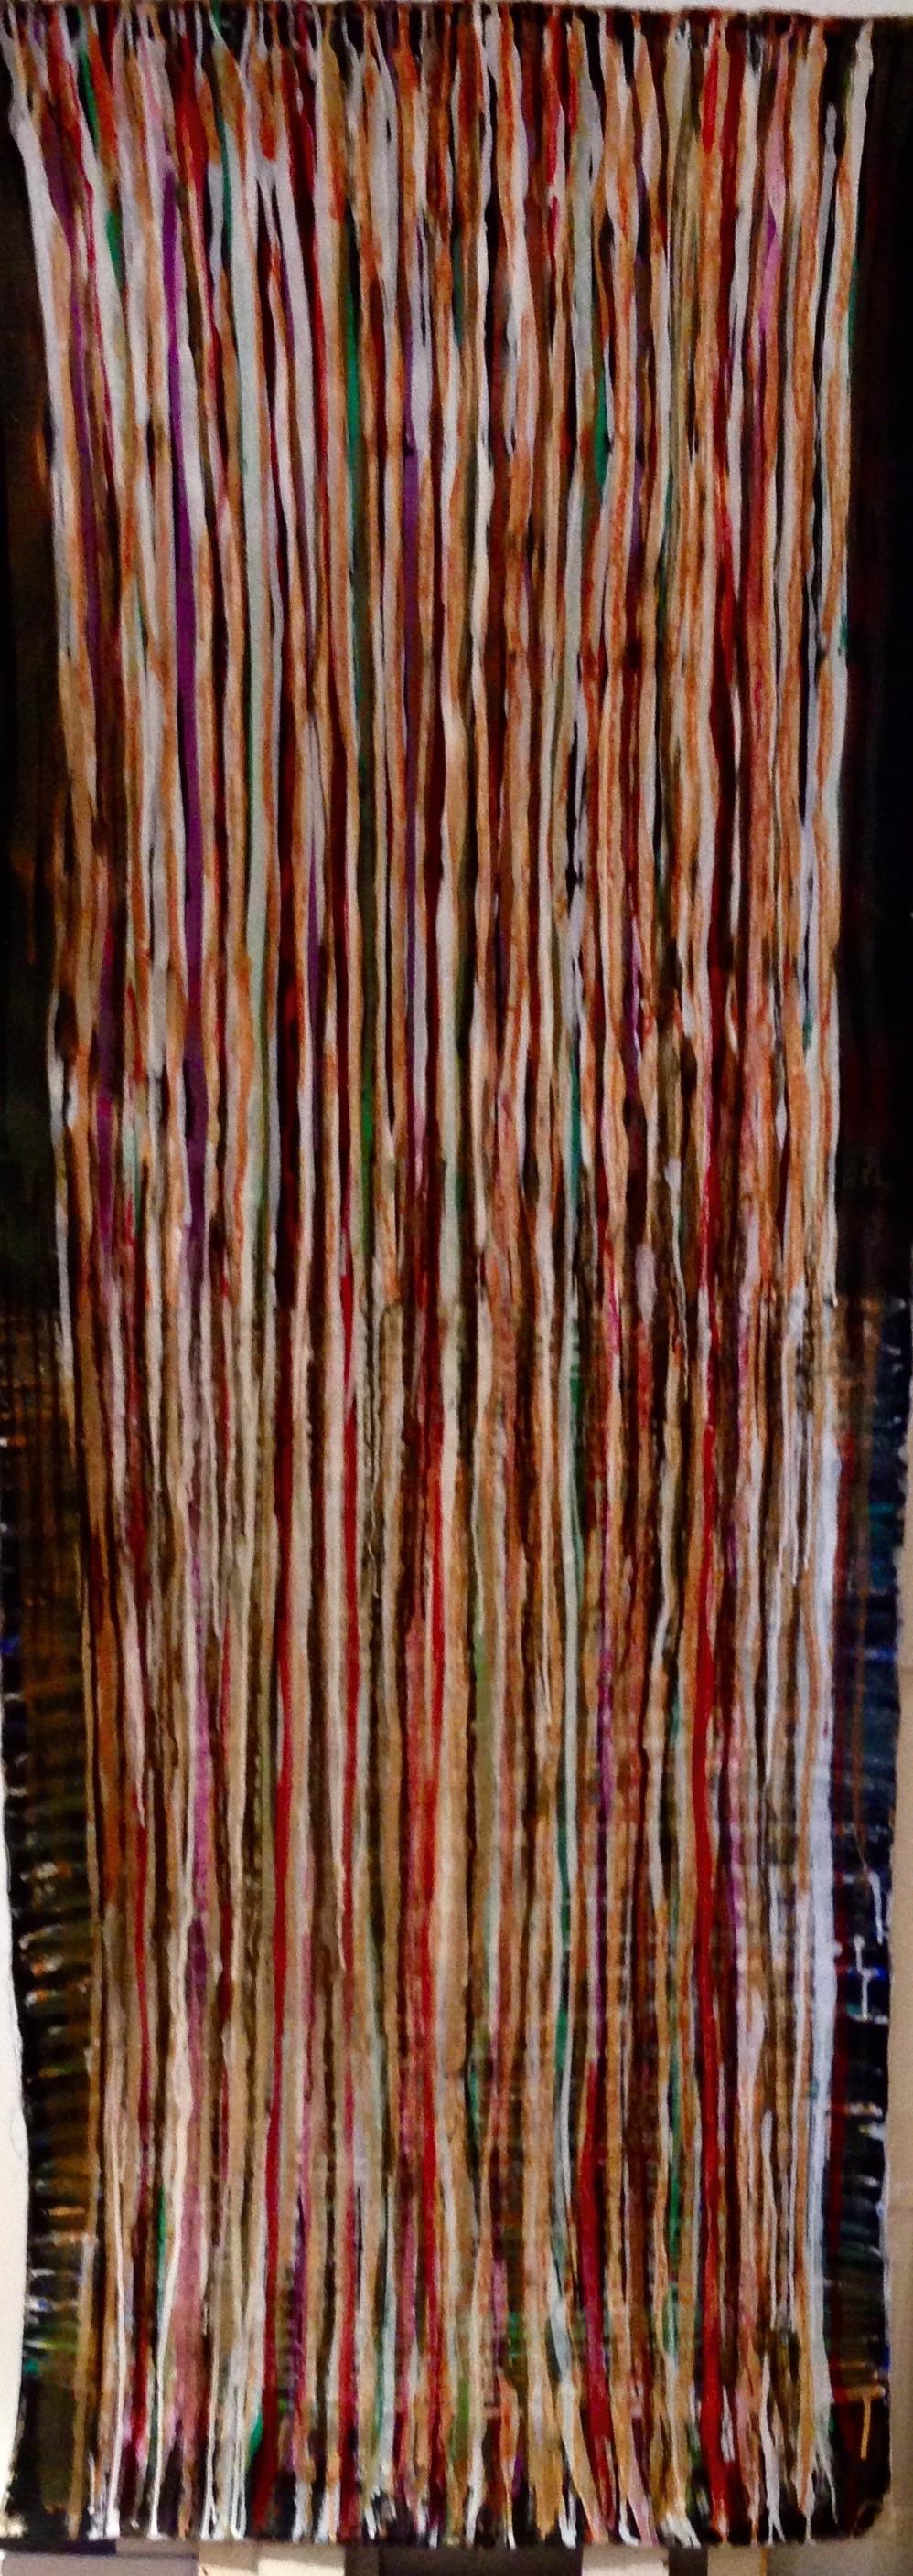 André Clouâtre, Sur la route, Acrylique sur toile, 84'' x 31'', 2015